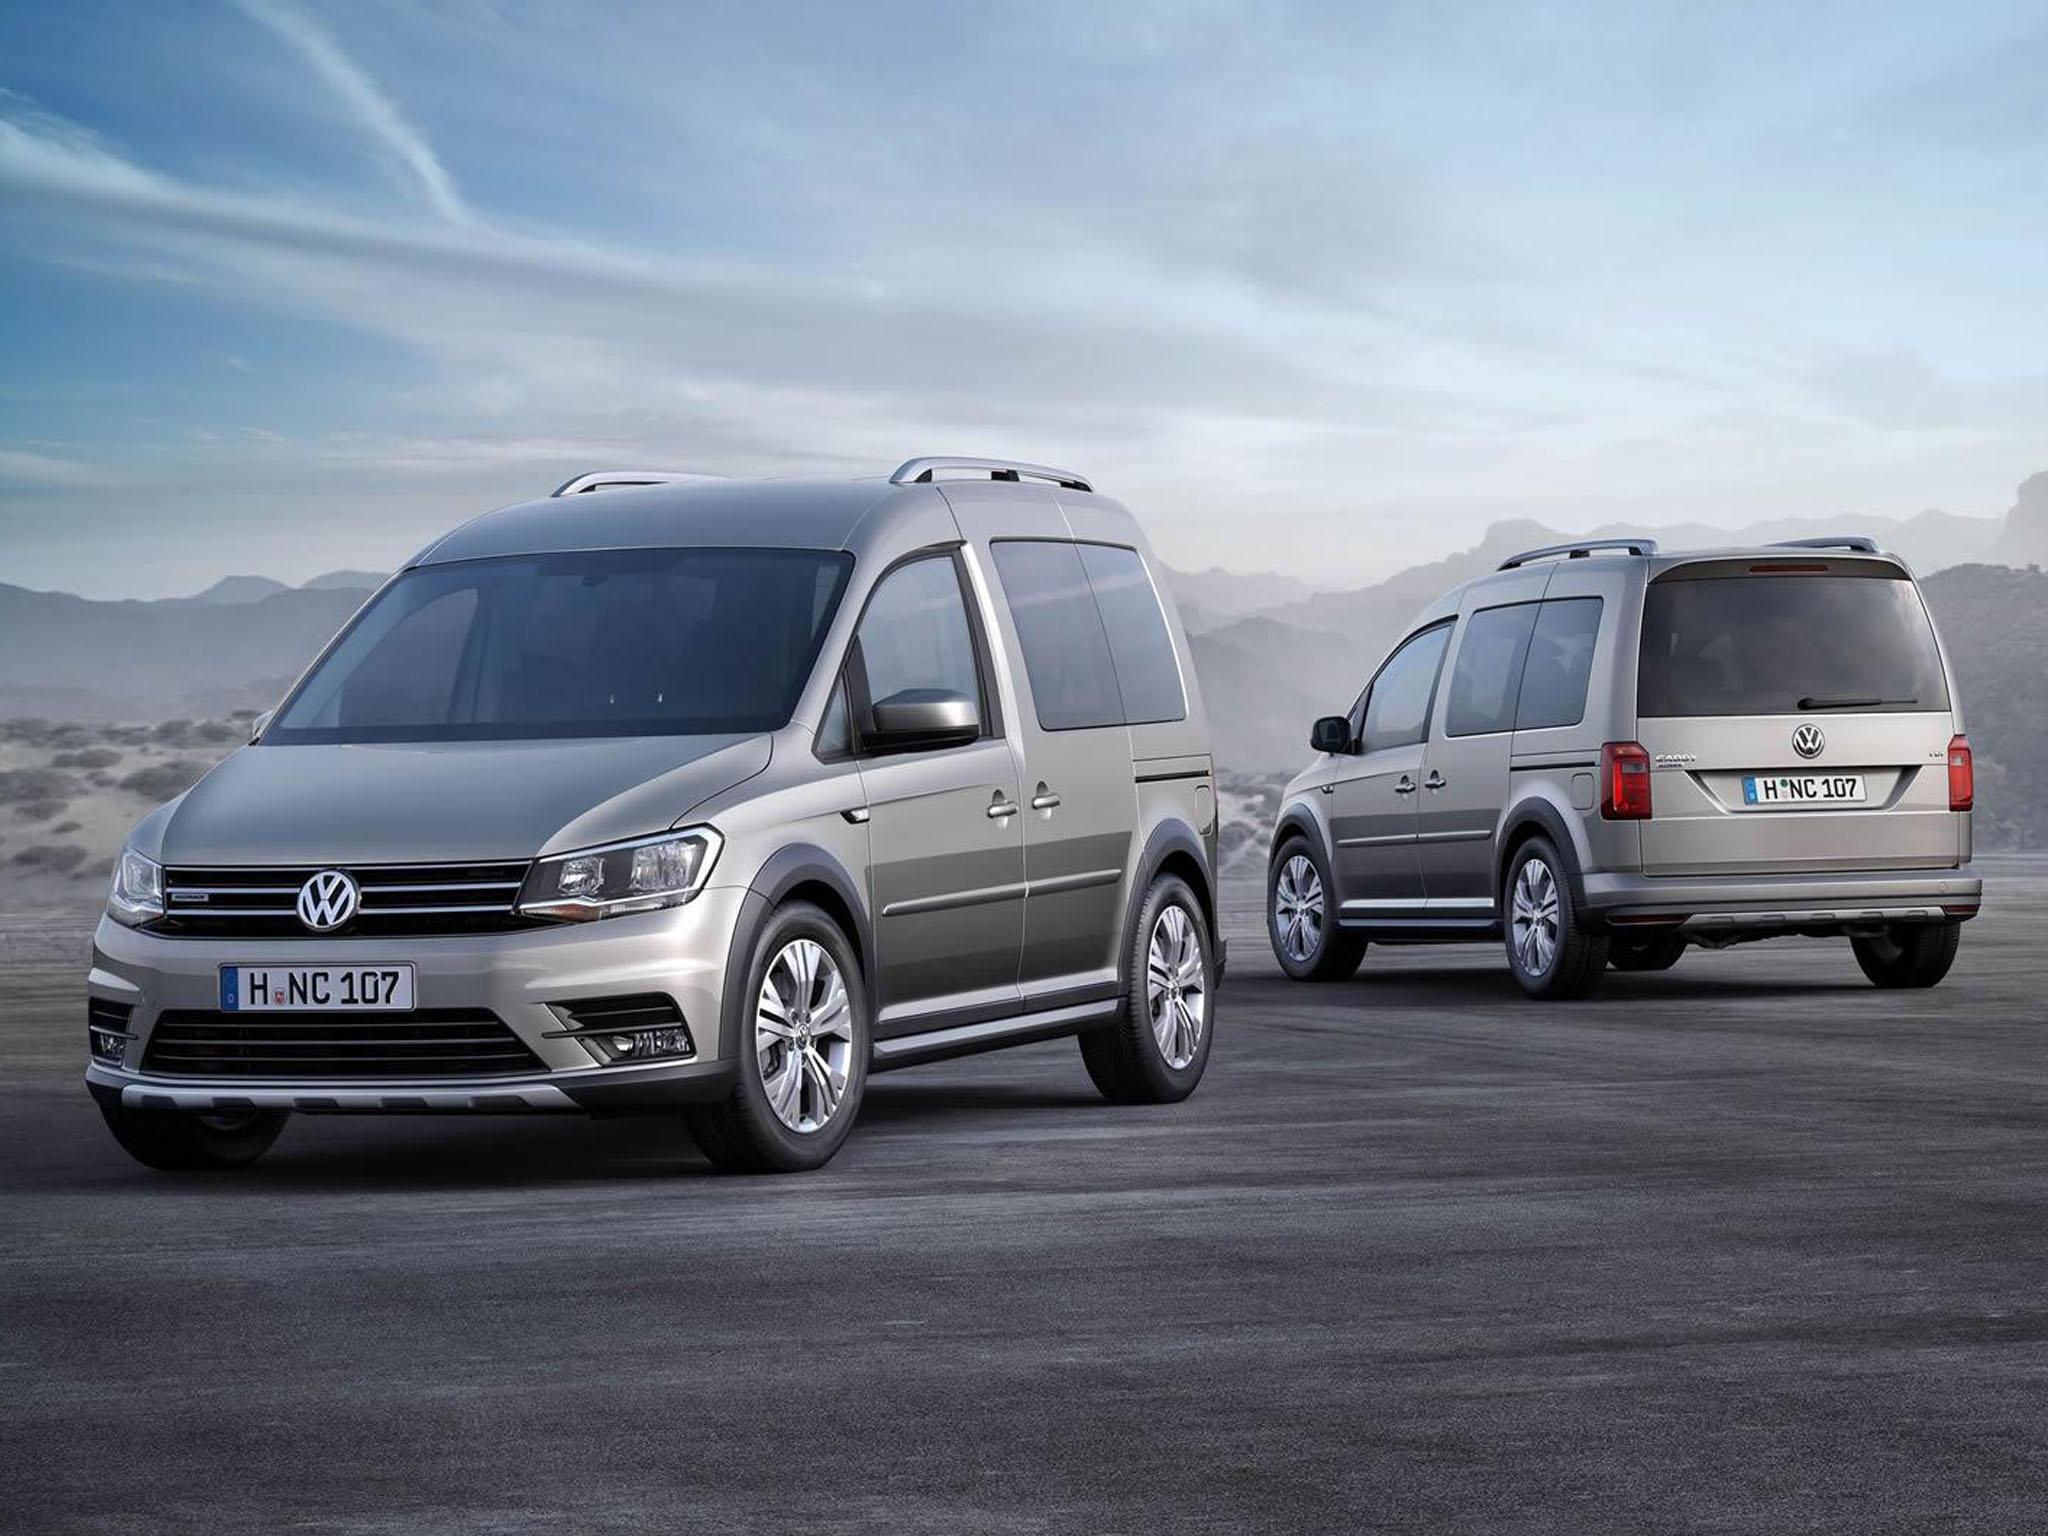 Volkswagen Caddy в исполнении Alltrack заработал всеми четырьмя - Колеса.ру 67ea6a5eba0c9